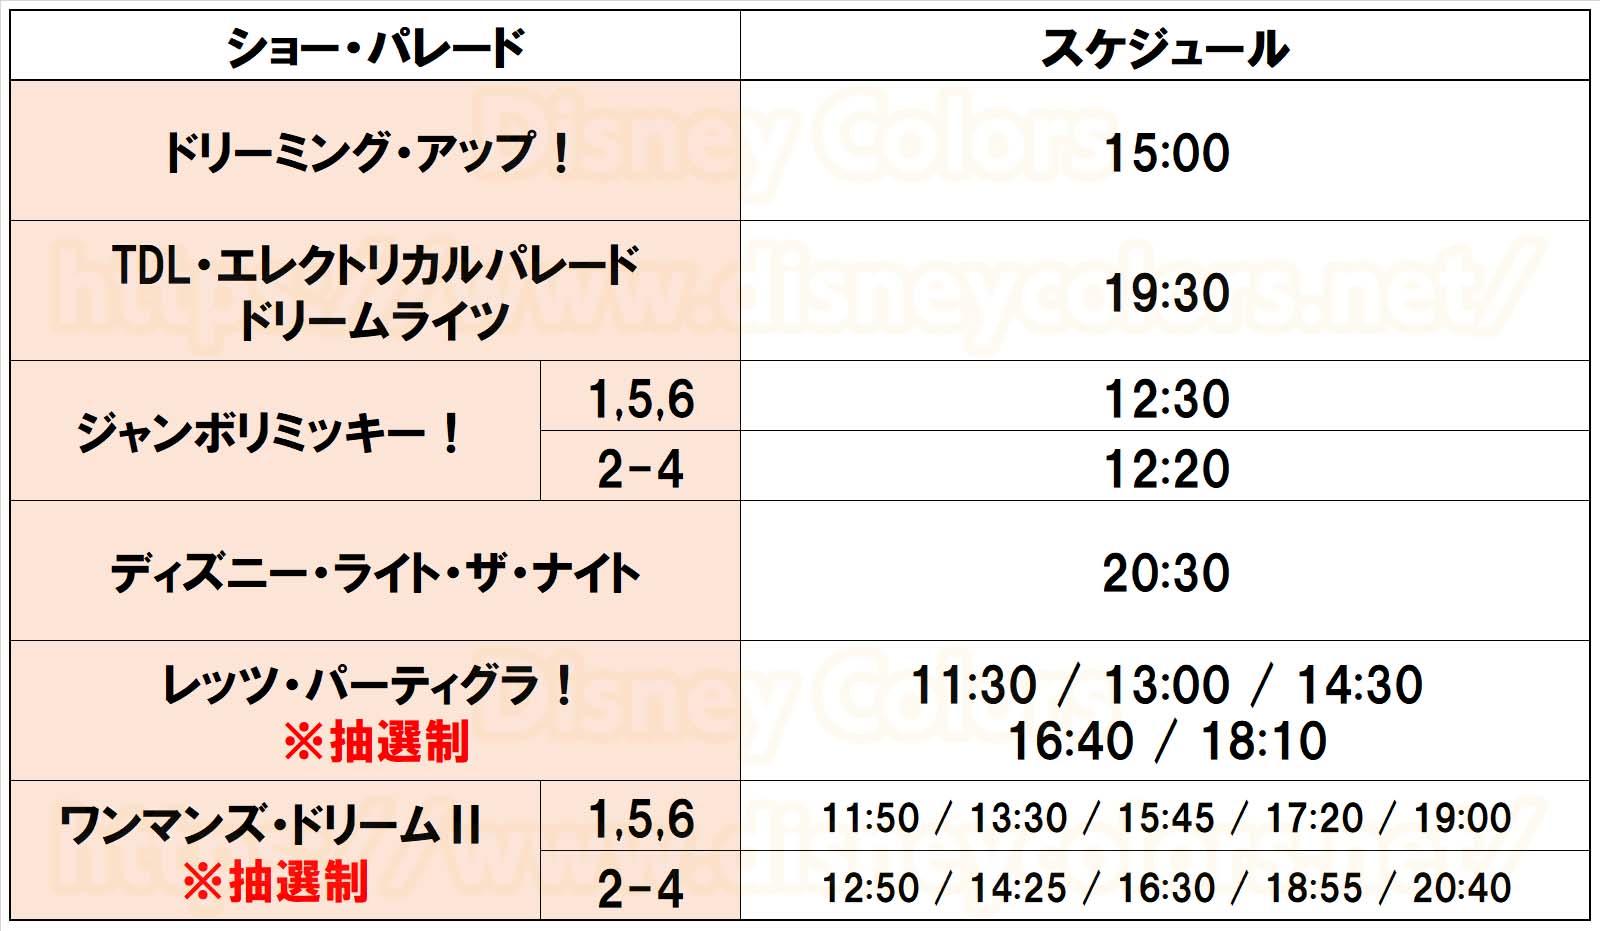 東京ディズニーランド ショースケジュール 2019年11月1~6日